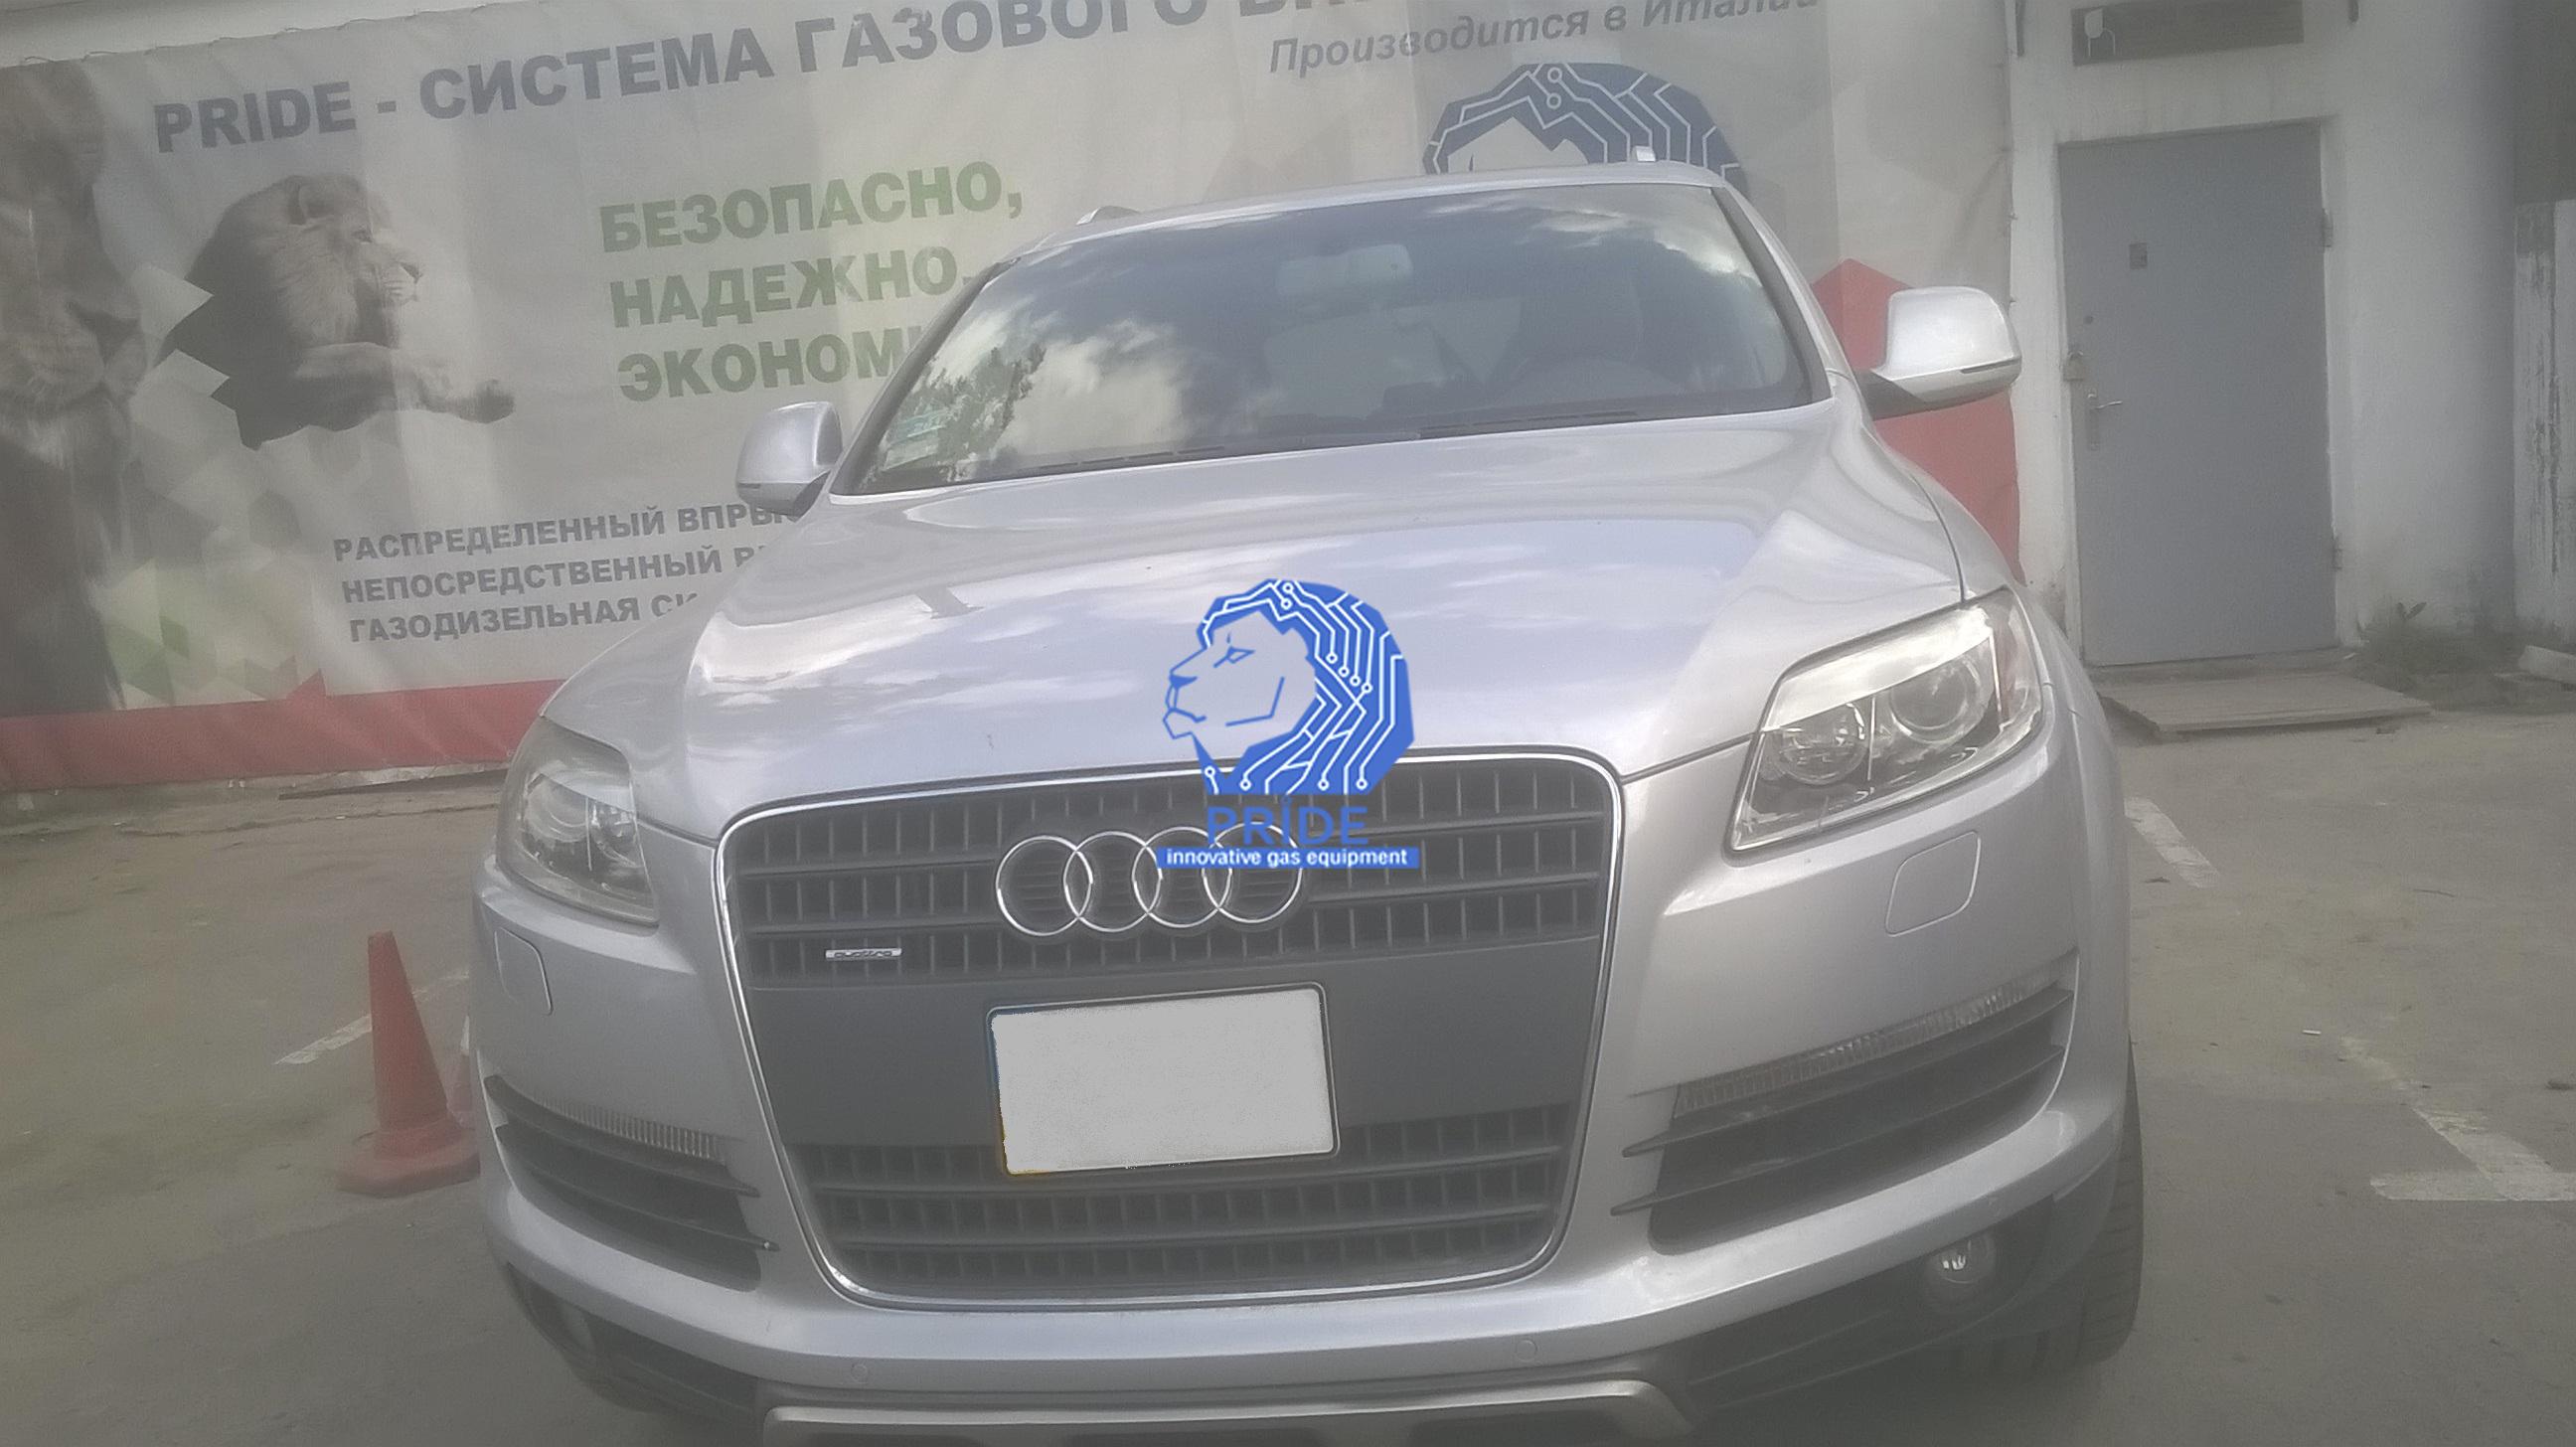 Автомобиль Audi Q7 после установки ГБО